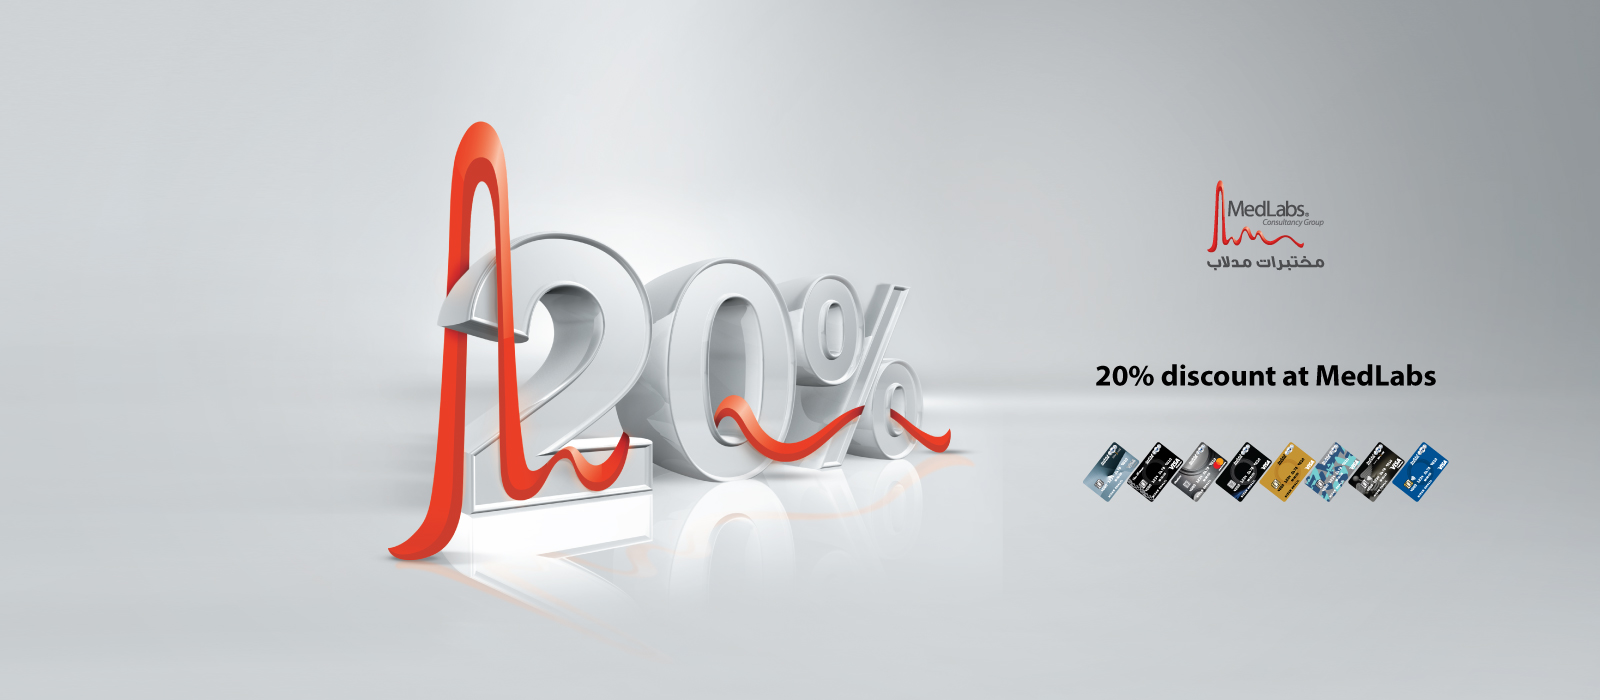 New-Website-Banner-1600x700--Web-banner